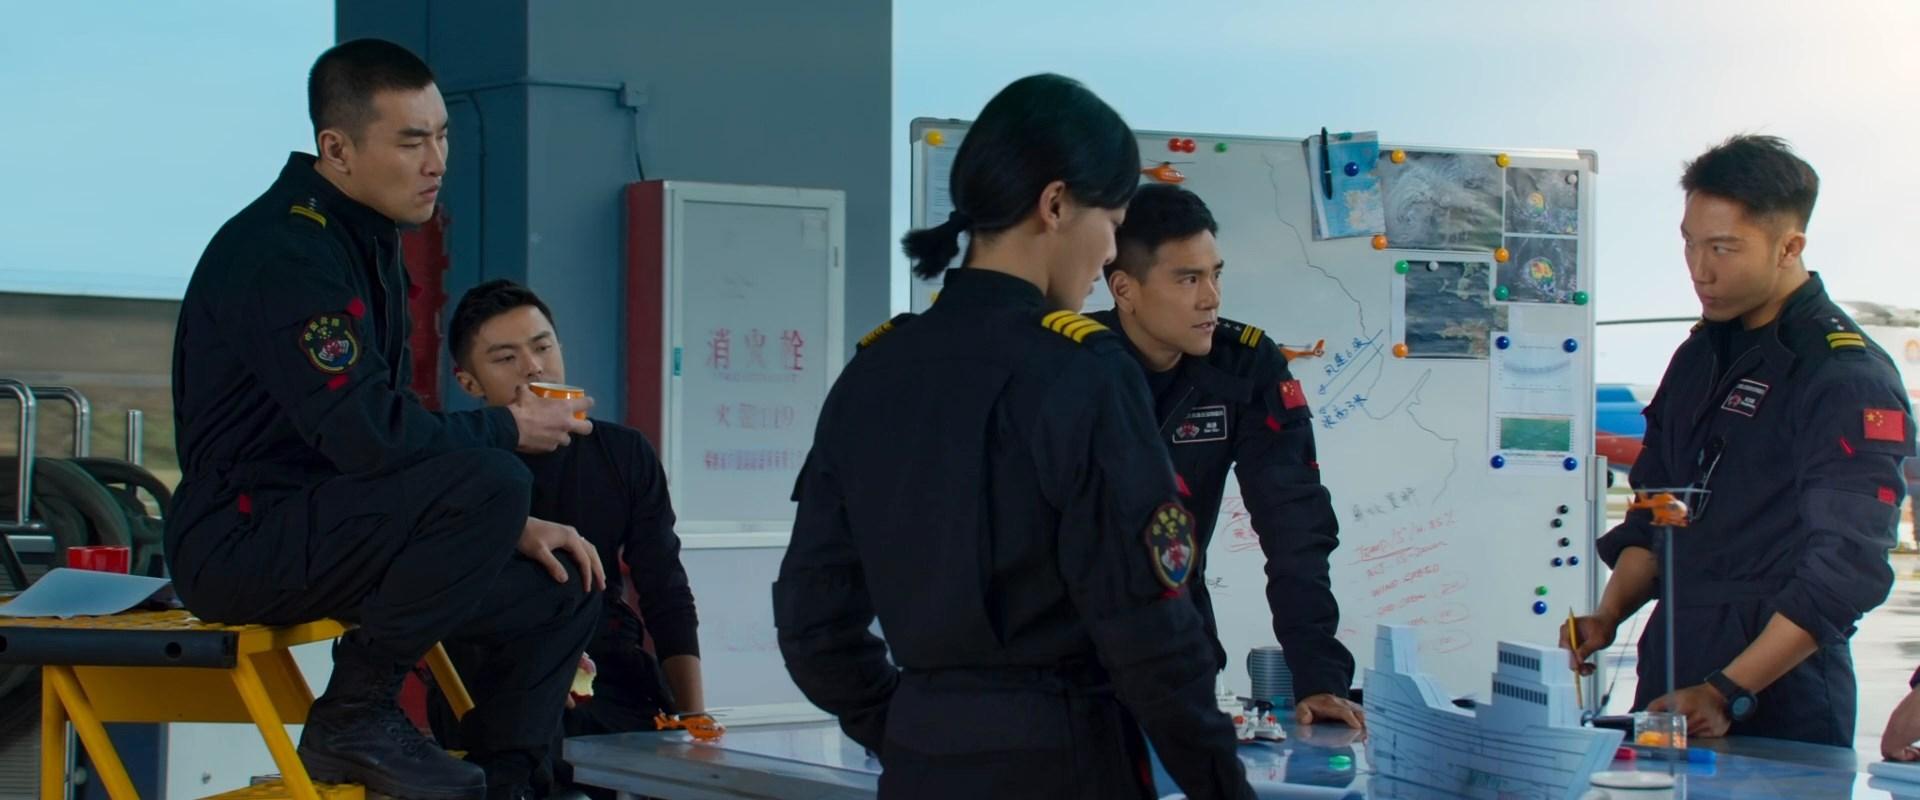 Equipo de Rescate (2020) 1080p WEB-DL